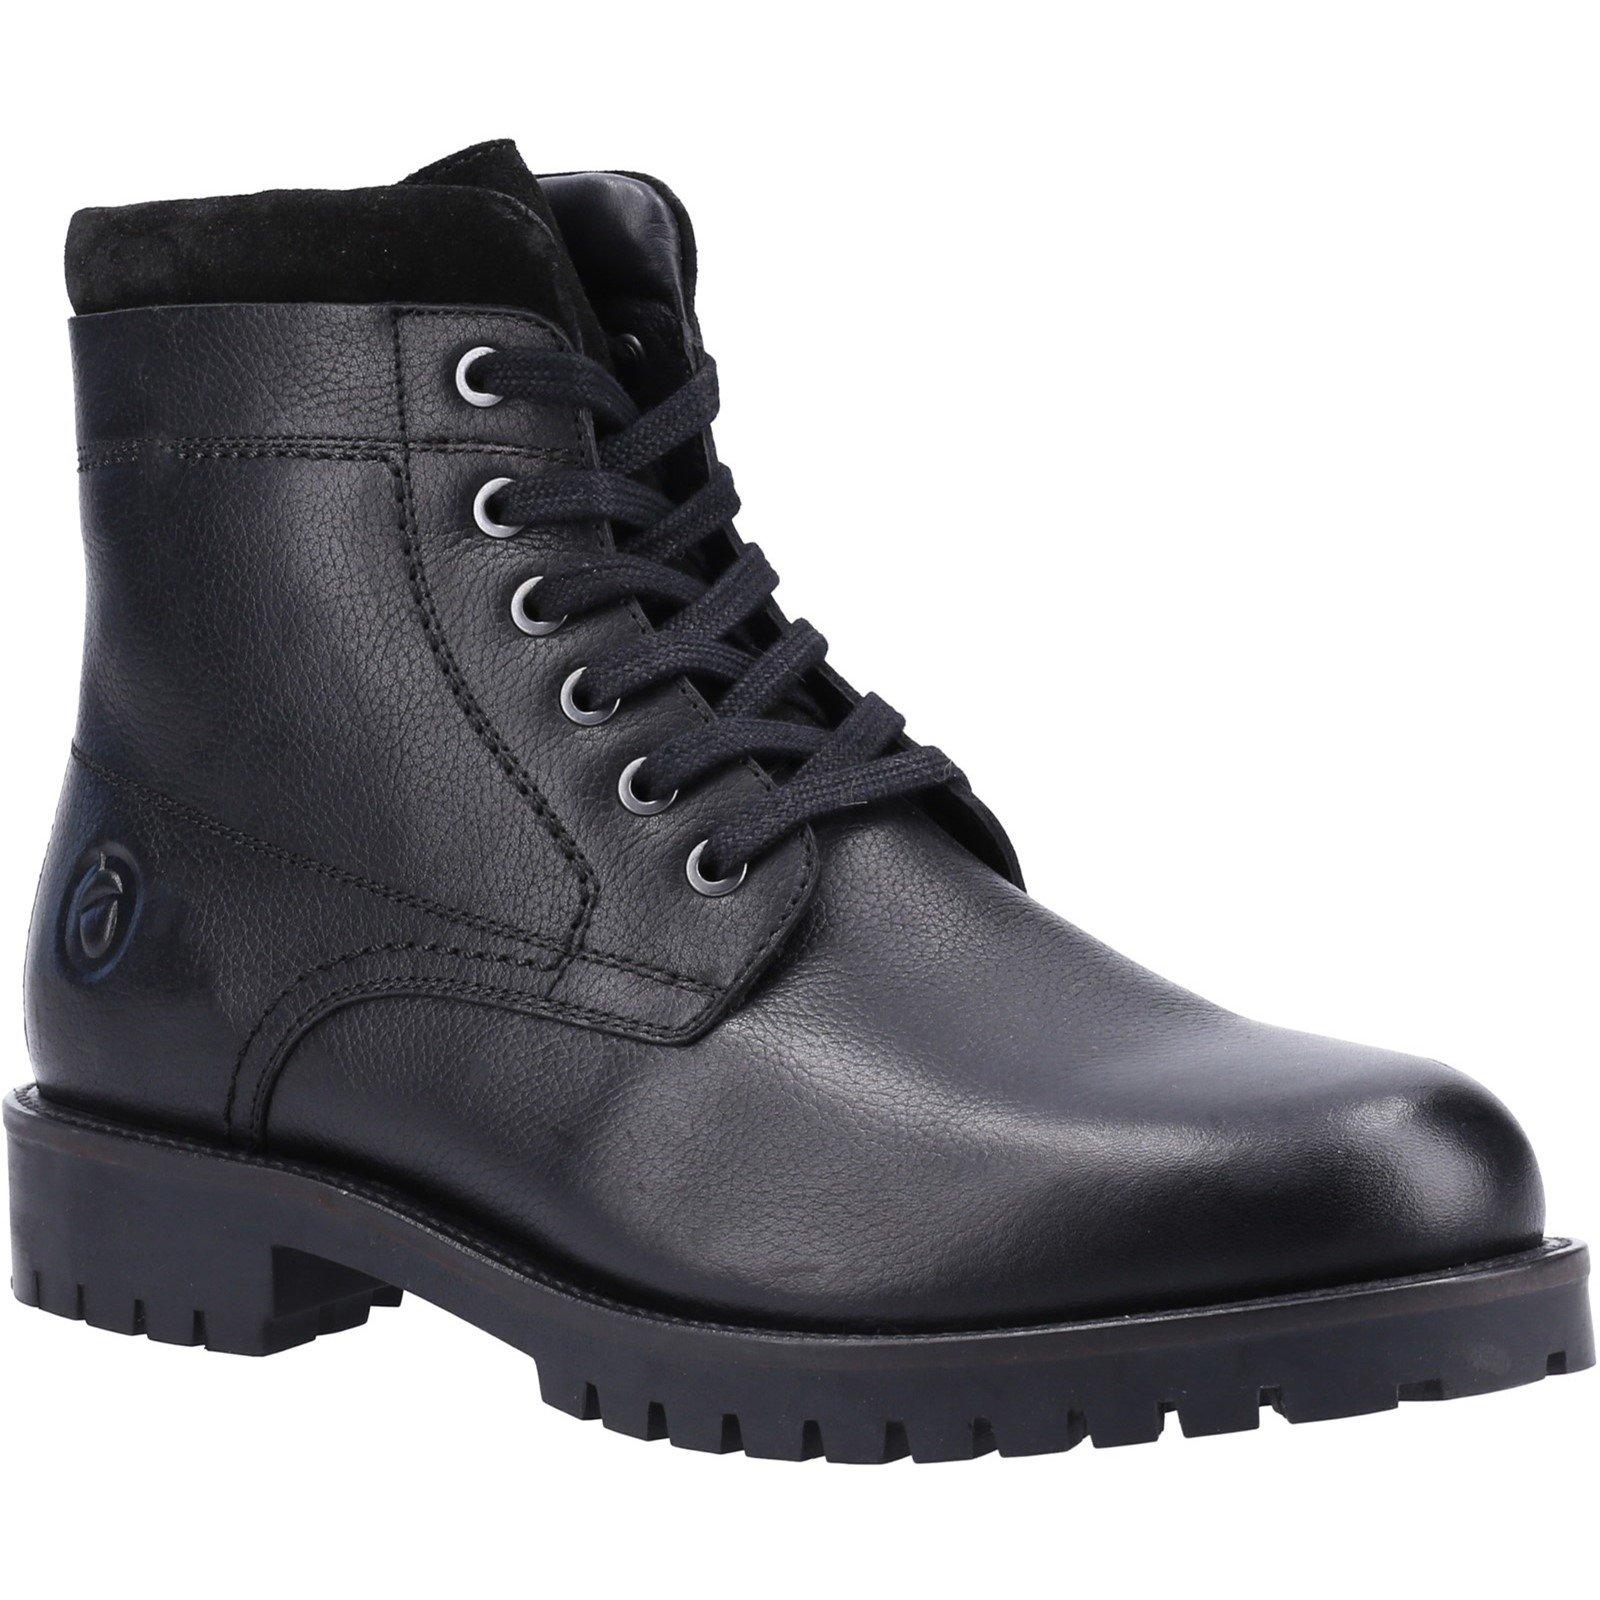 Cotswold Men's Thorsbury Lace Up Shoe Boot Various Colours 32963 - Black 12